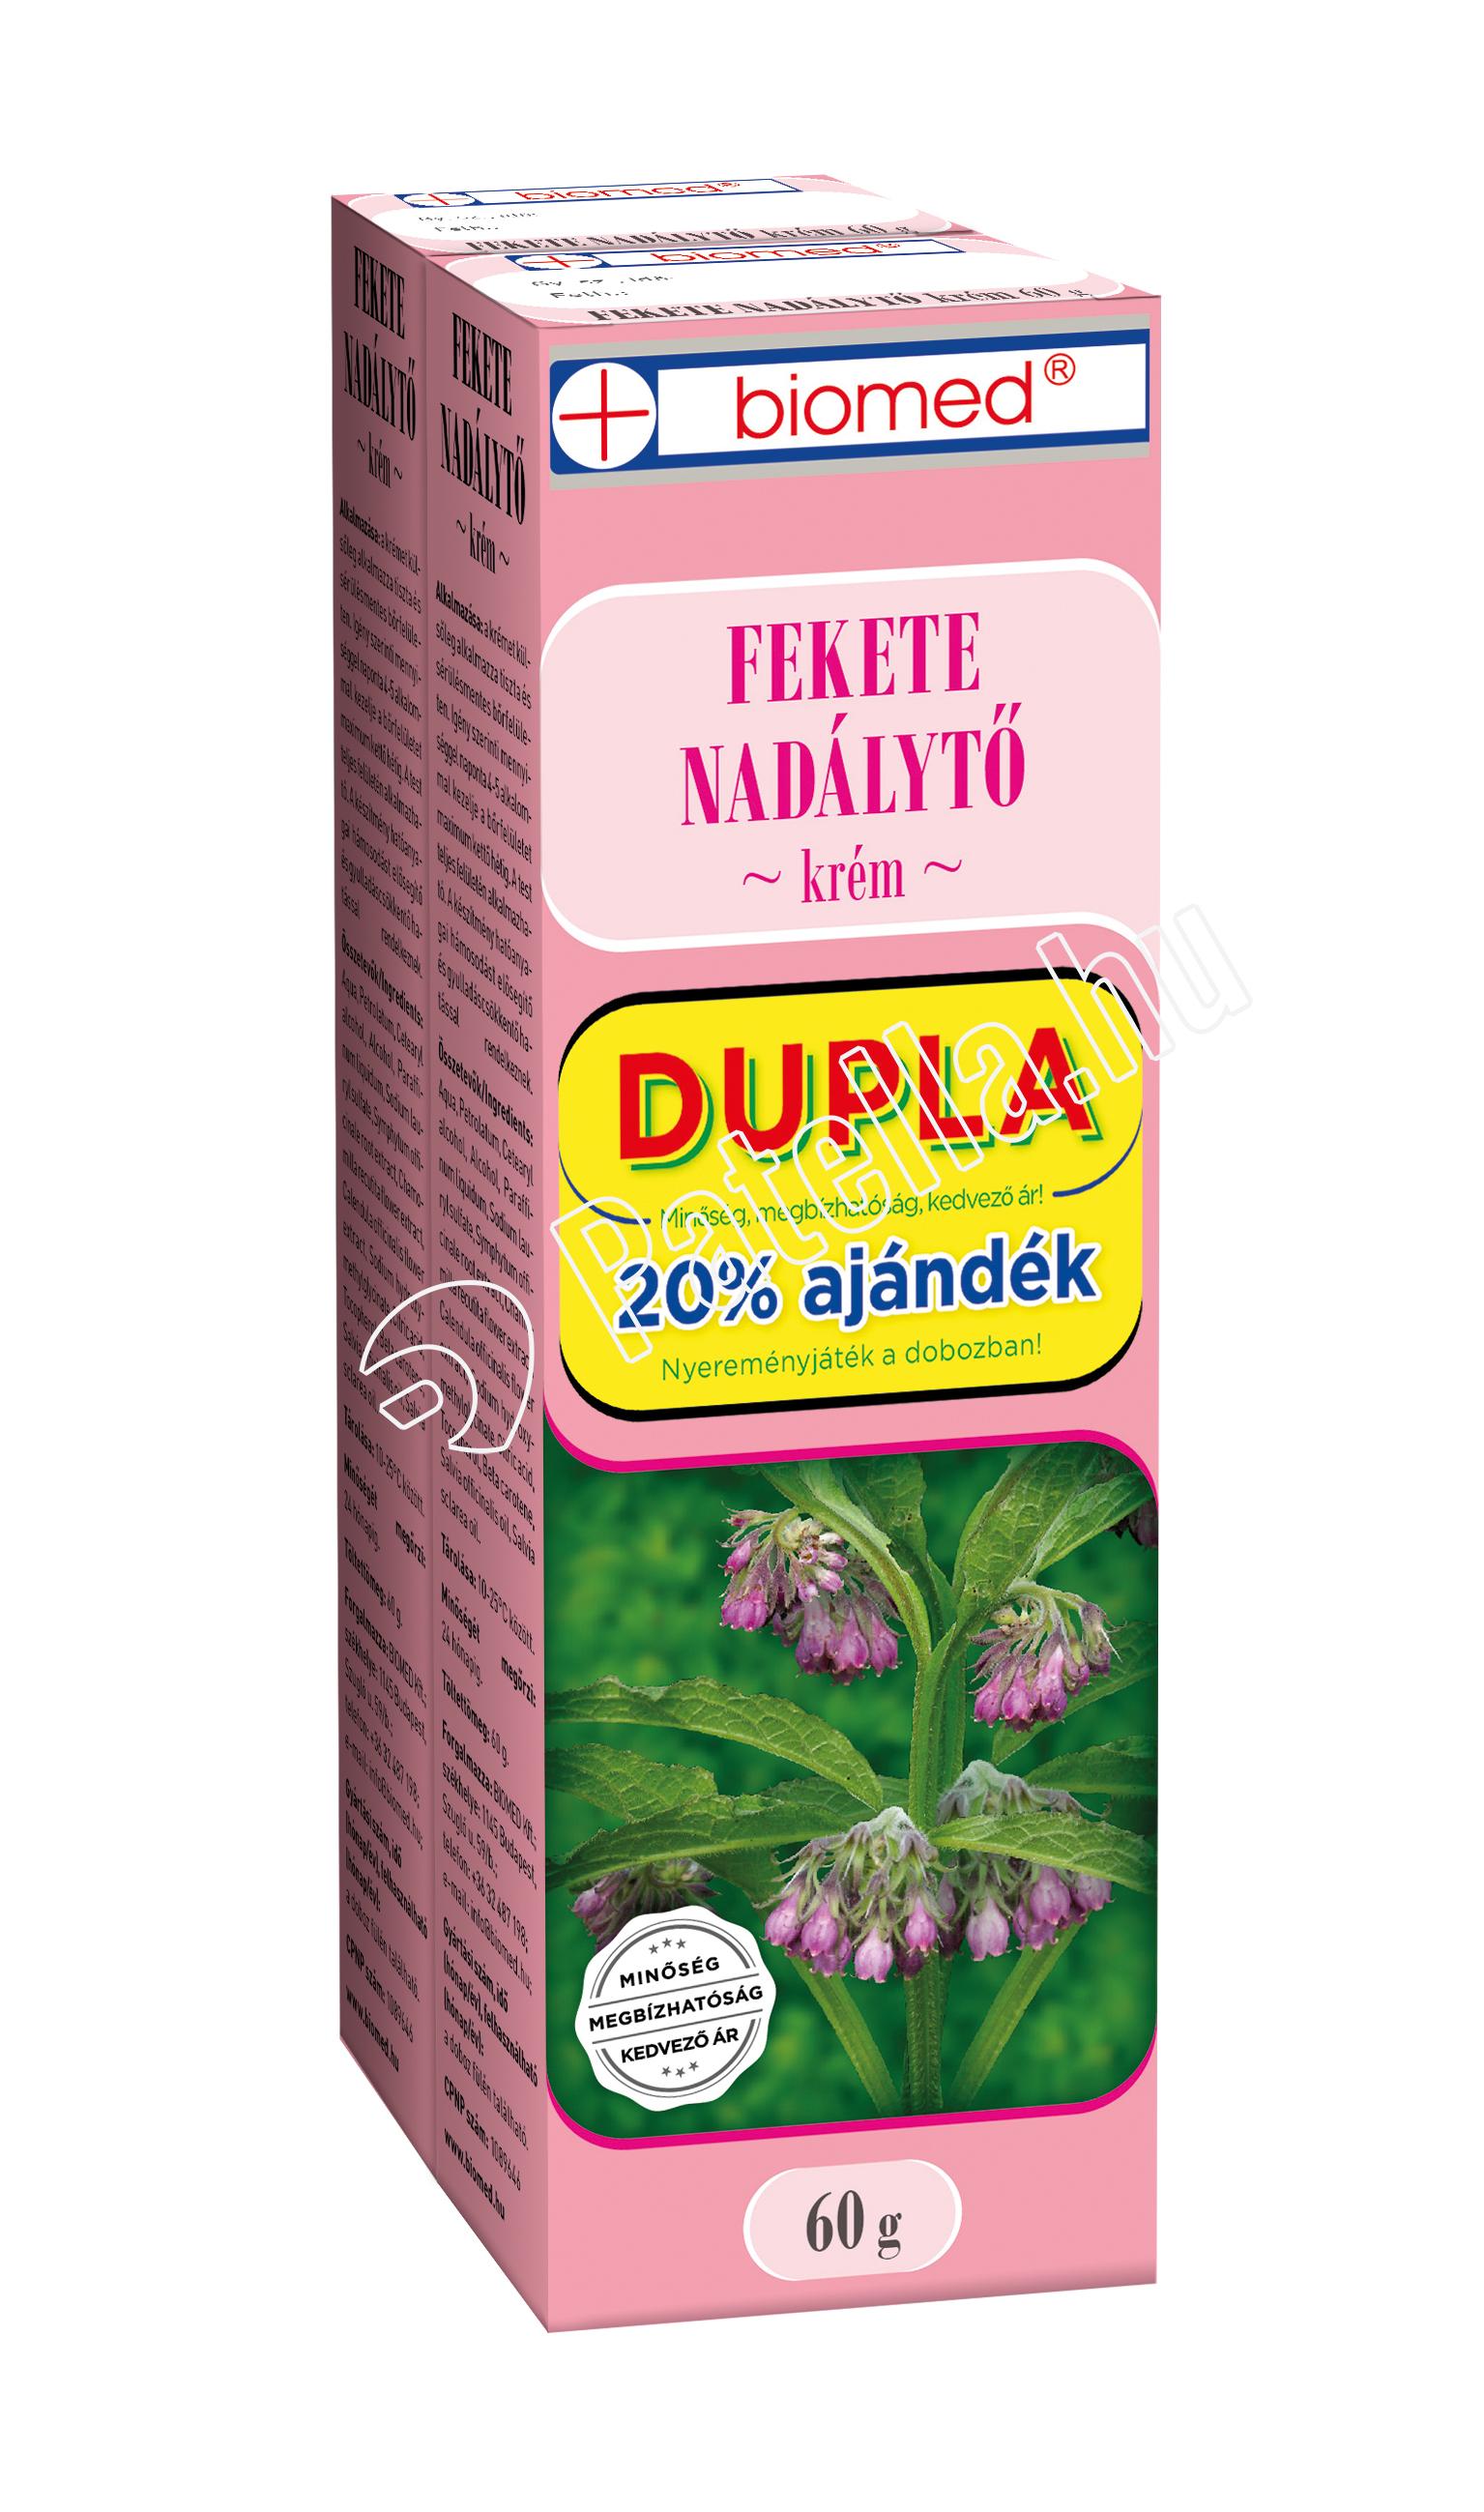 BIOMED FEKETE NADALYTO KREM DUPLA 2X60G